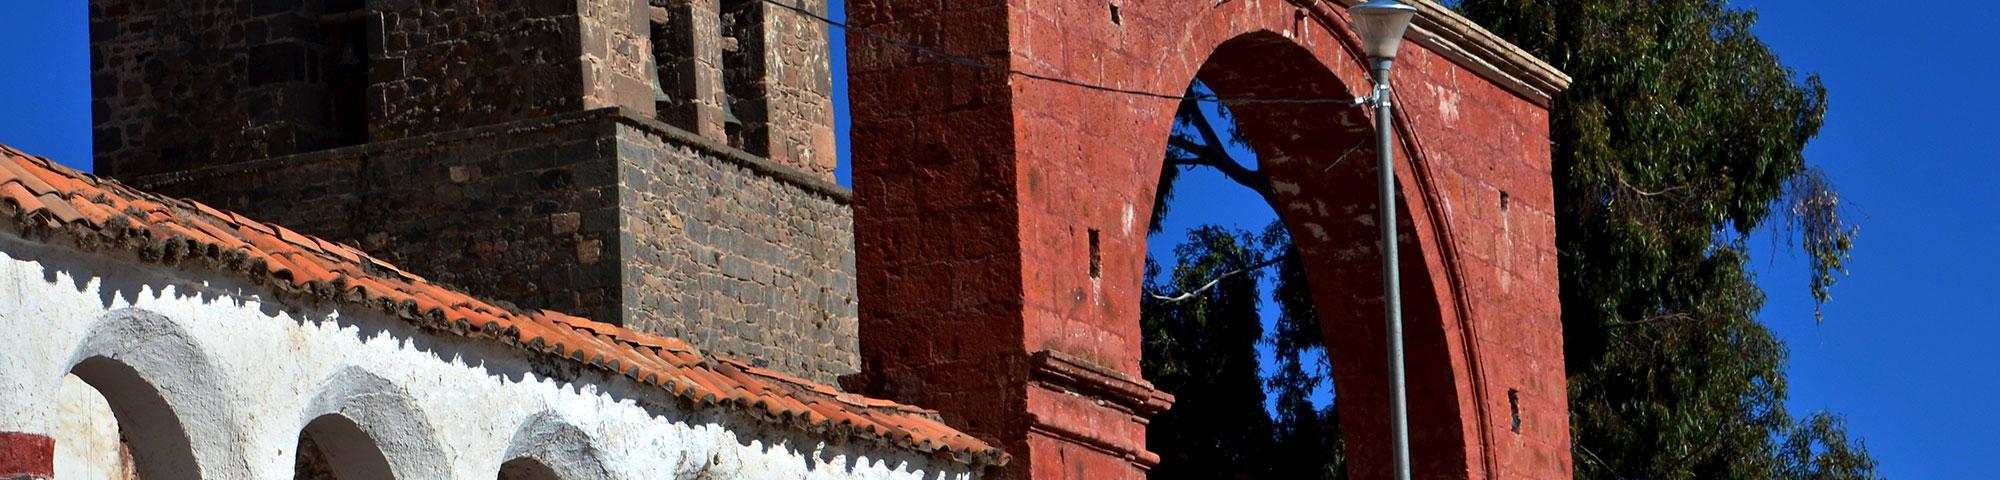 Templo Nuestra Señora de la Asunción